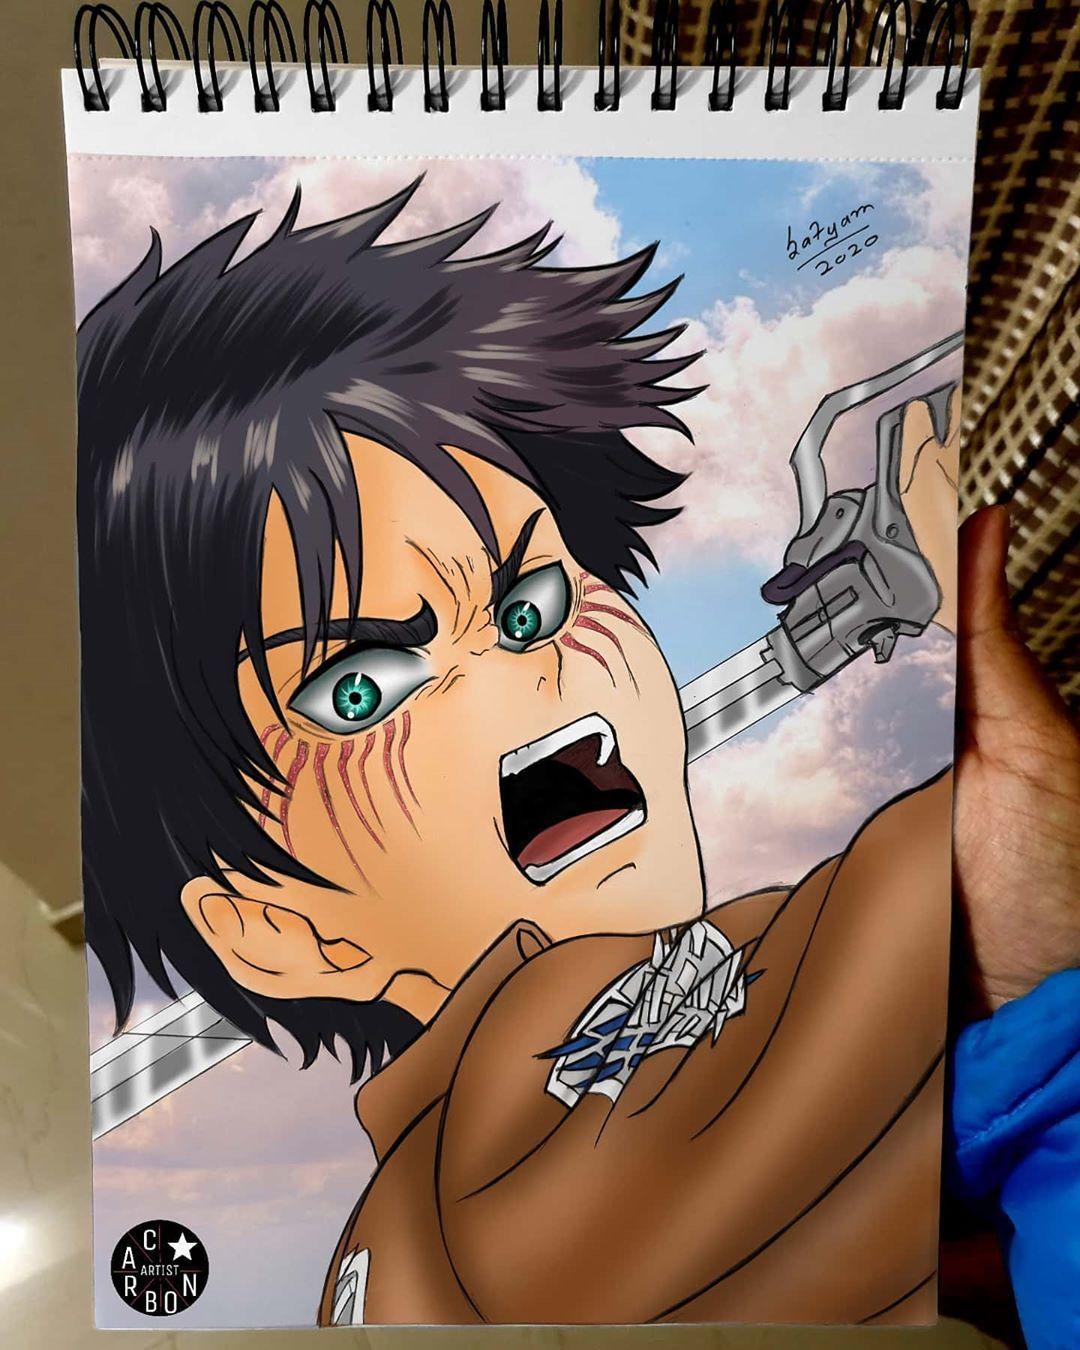 It's amaaaaazing 😍😍😍 #bleachmanga #ichigo #ulquiorra #byakuya #aizen #gotei13 #bankai #sketch #animesketch #art_4anime #animedrawing #animeart #animearttr #mangasketch #animedraw #otakugirl #animeboy #mangaboy #otakuart #fanart #mangafanart #animefanart